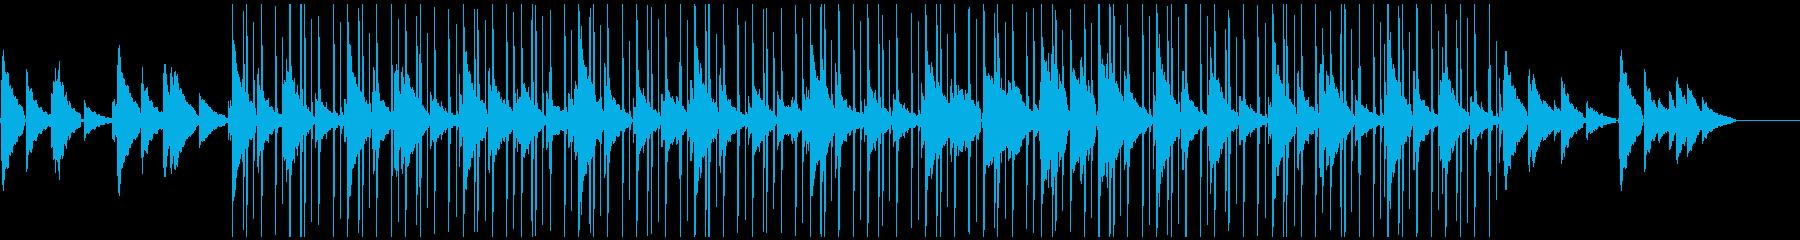 優しいエレキギターとエレピのキャンプ曲の再生済みの波形